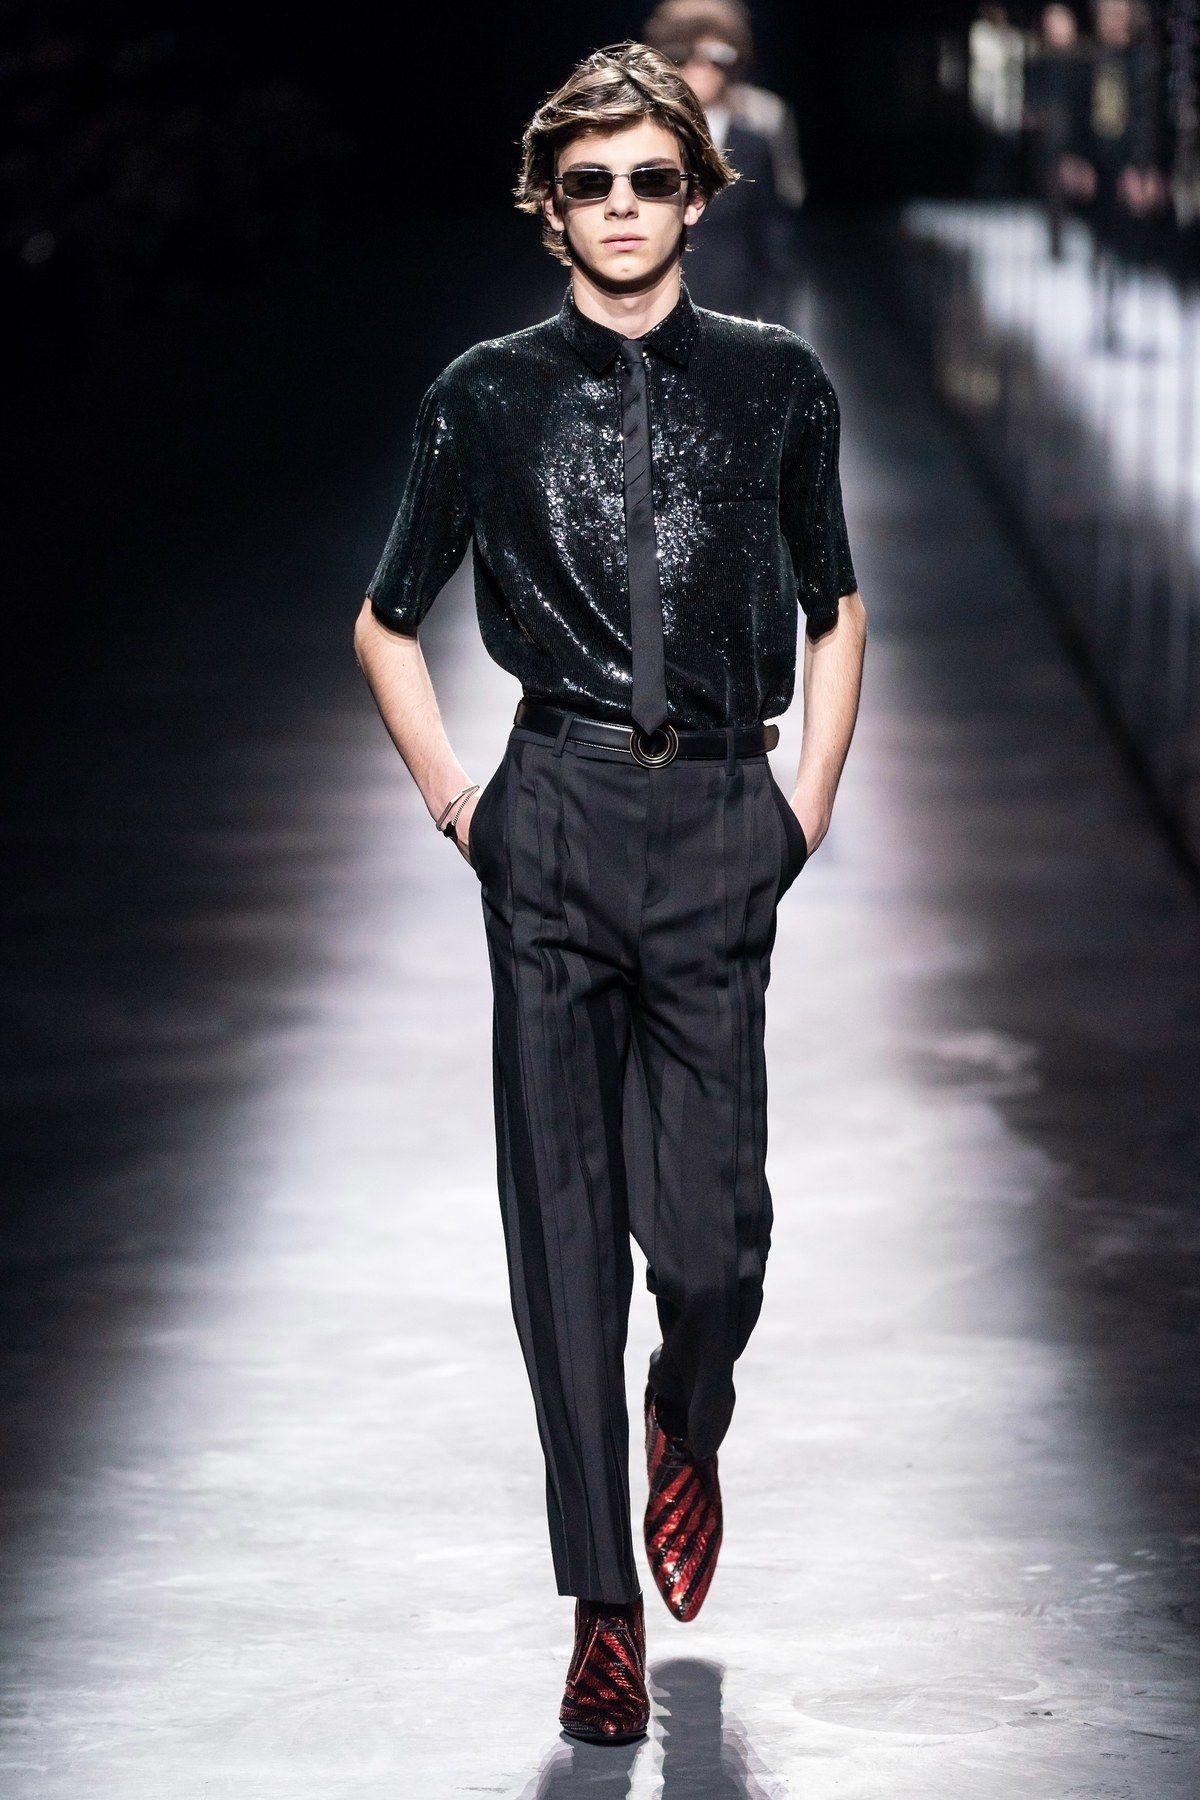 Tous Les Looks Homme Du Defile Saint Laurent Automne Hiver 2019 2020 Idees De Mode Look Homme Style Homme